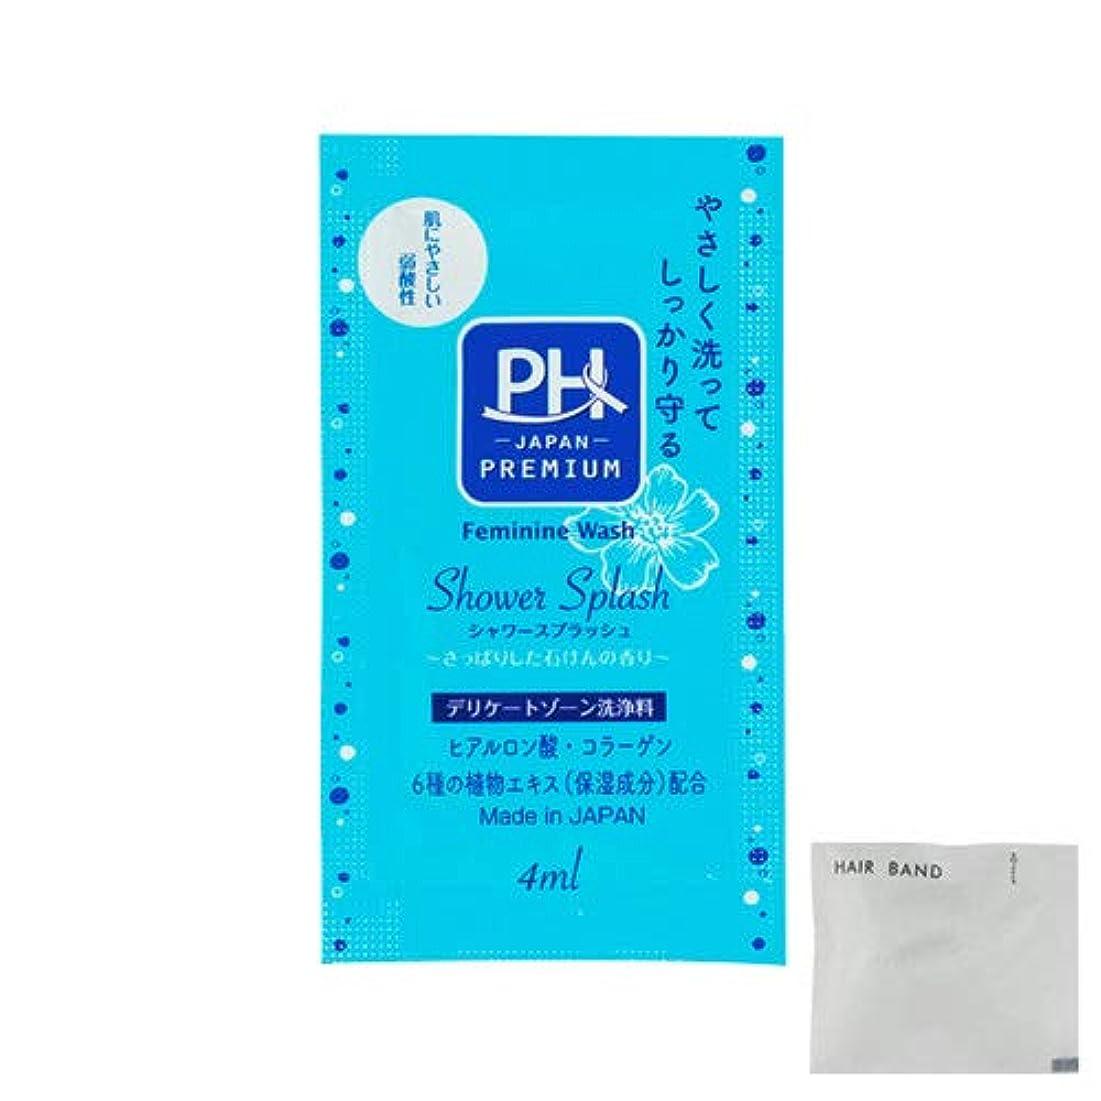 管理しますアサー磁石PH JAPAN プレミアム フェミニンウォッシュ シャワースプラッシュ 4mL(お試し用)×200個 + ヘアゴム(カラーはおまかせ)セット